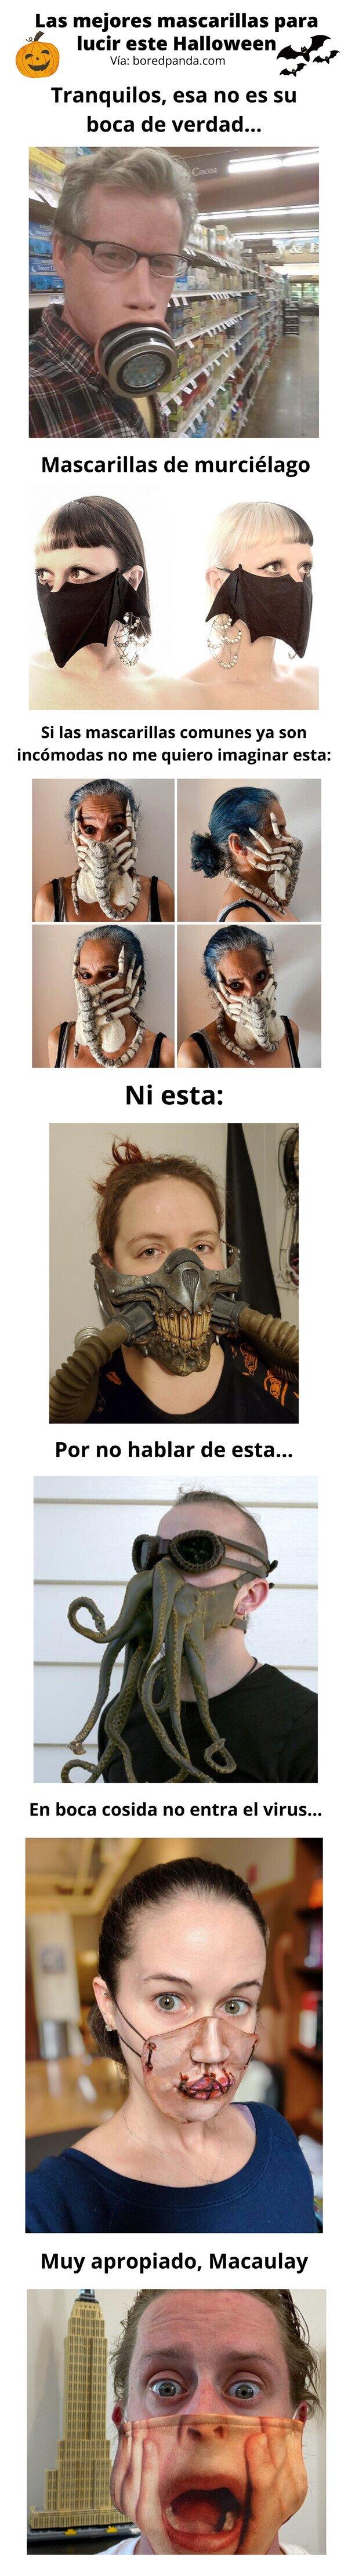 Meme_otros - Las mejores mascarillas para lucir este Halloween